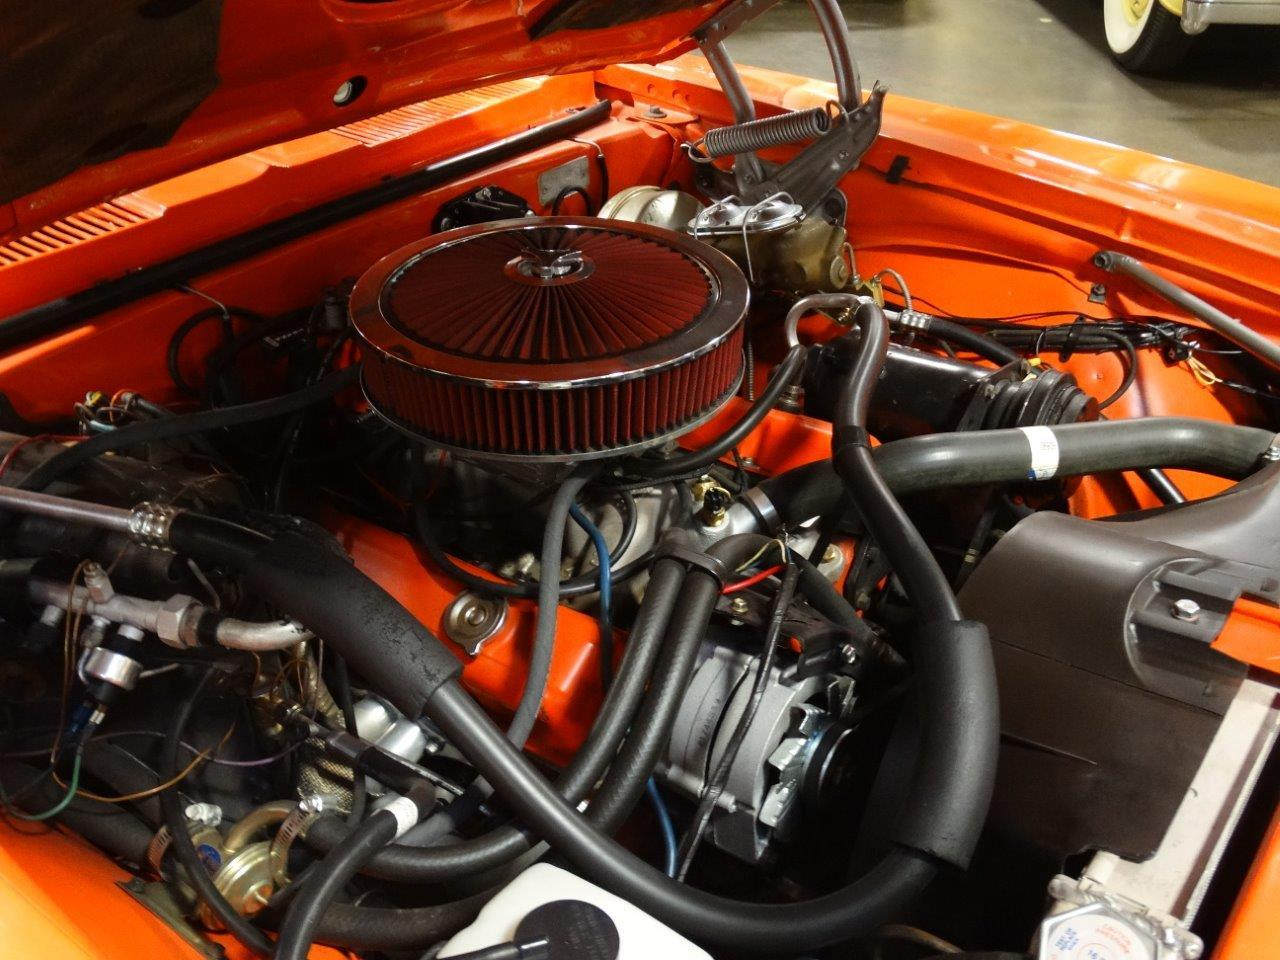 1969 Chevrolet Camaro RS (CC-1185001) for sale in Costa Mesa, California